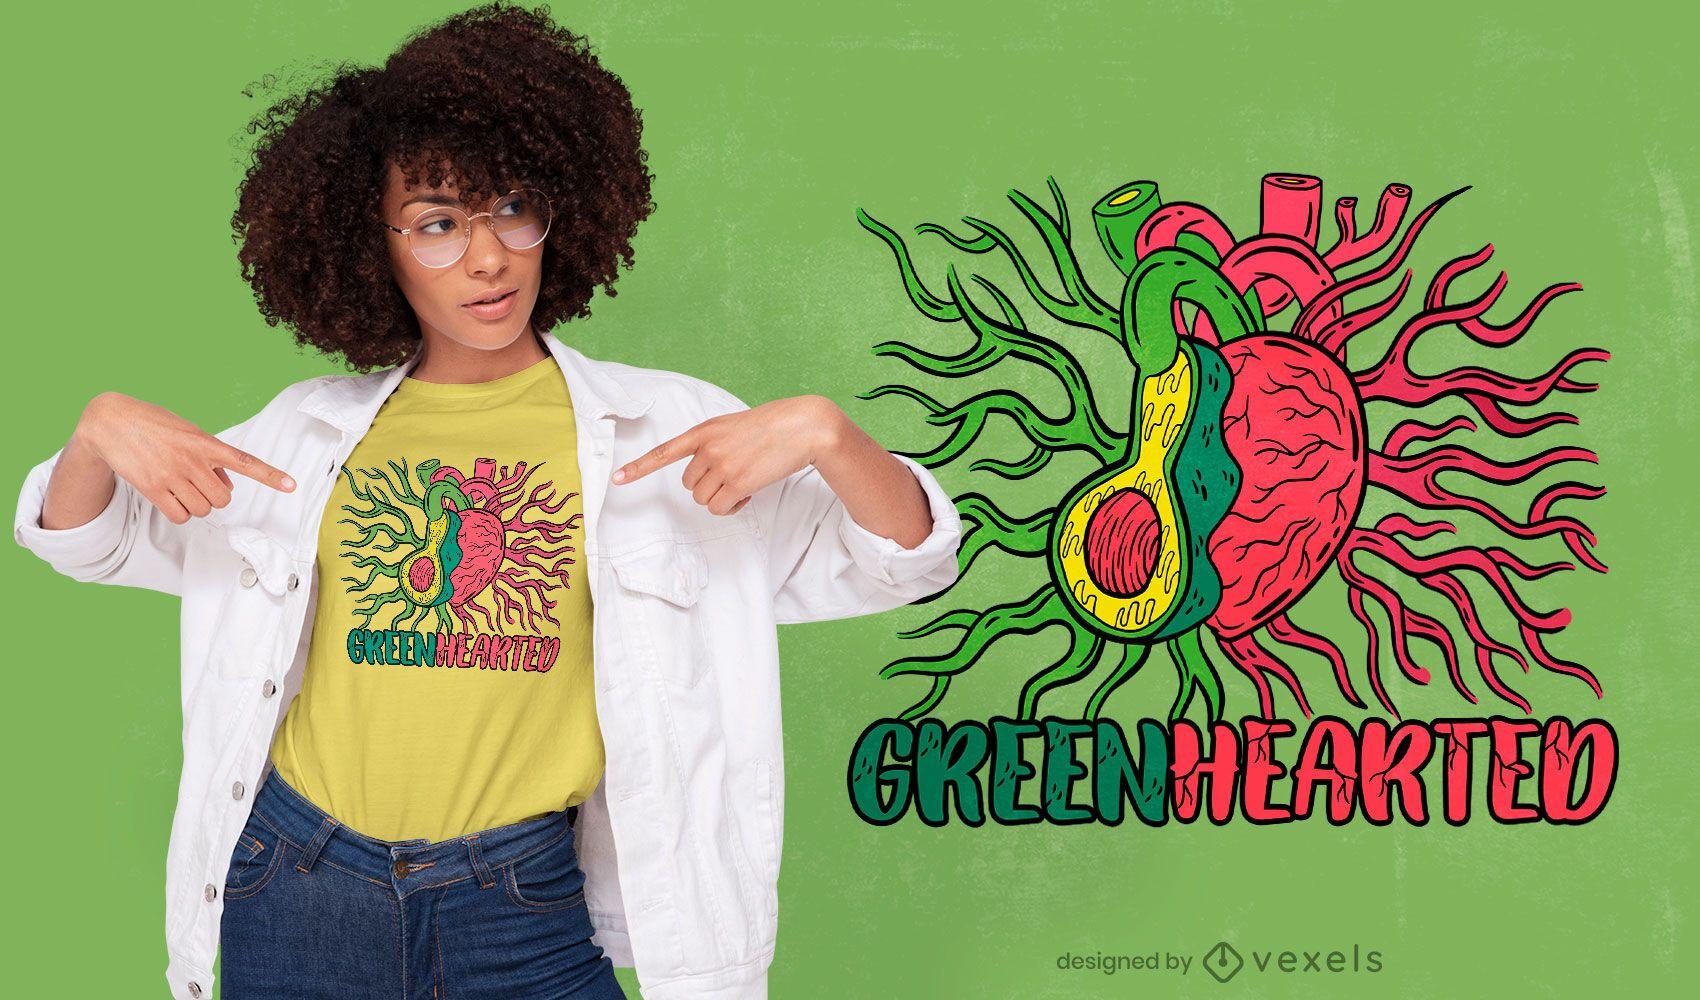 Diseño de camiseta con sistema corazón y aguacate.